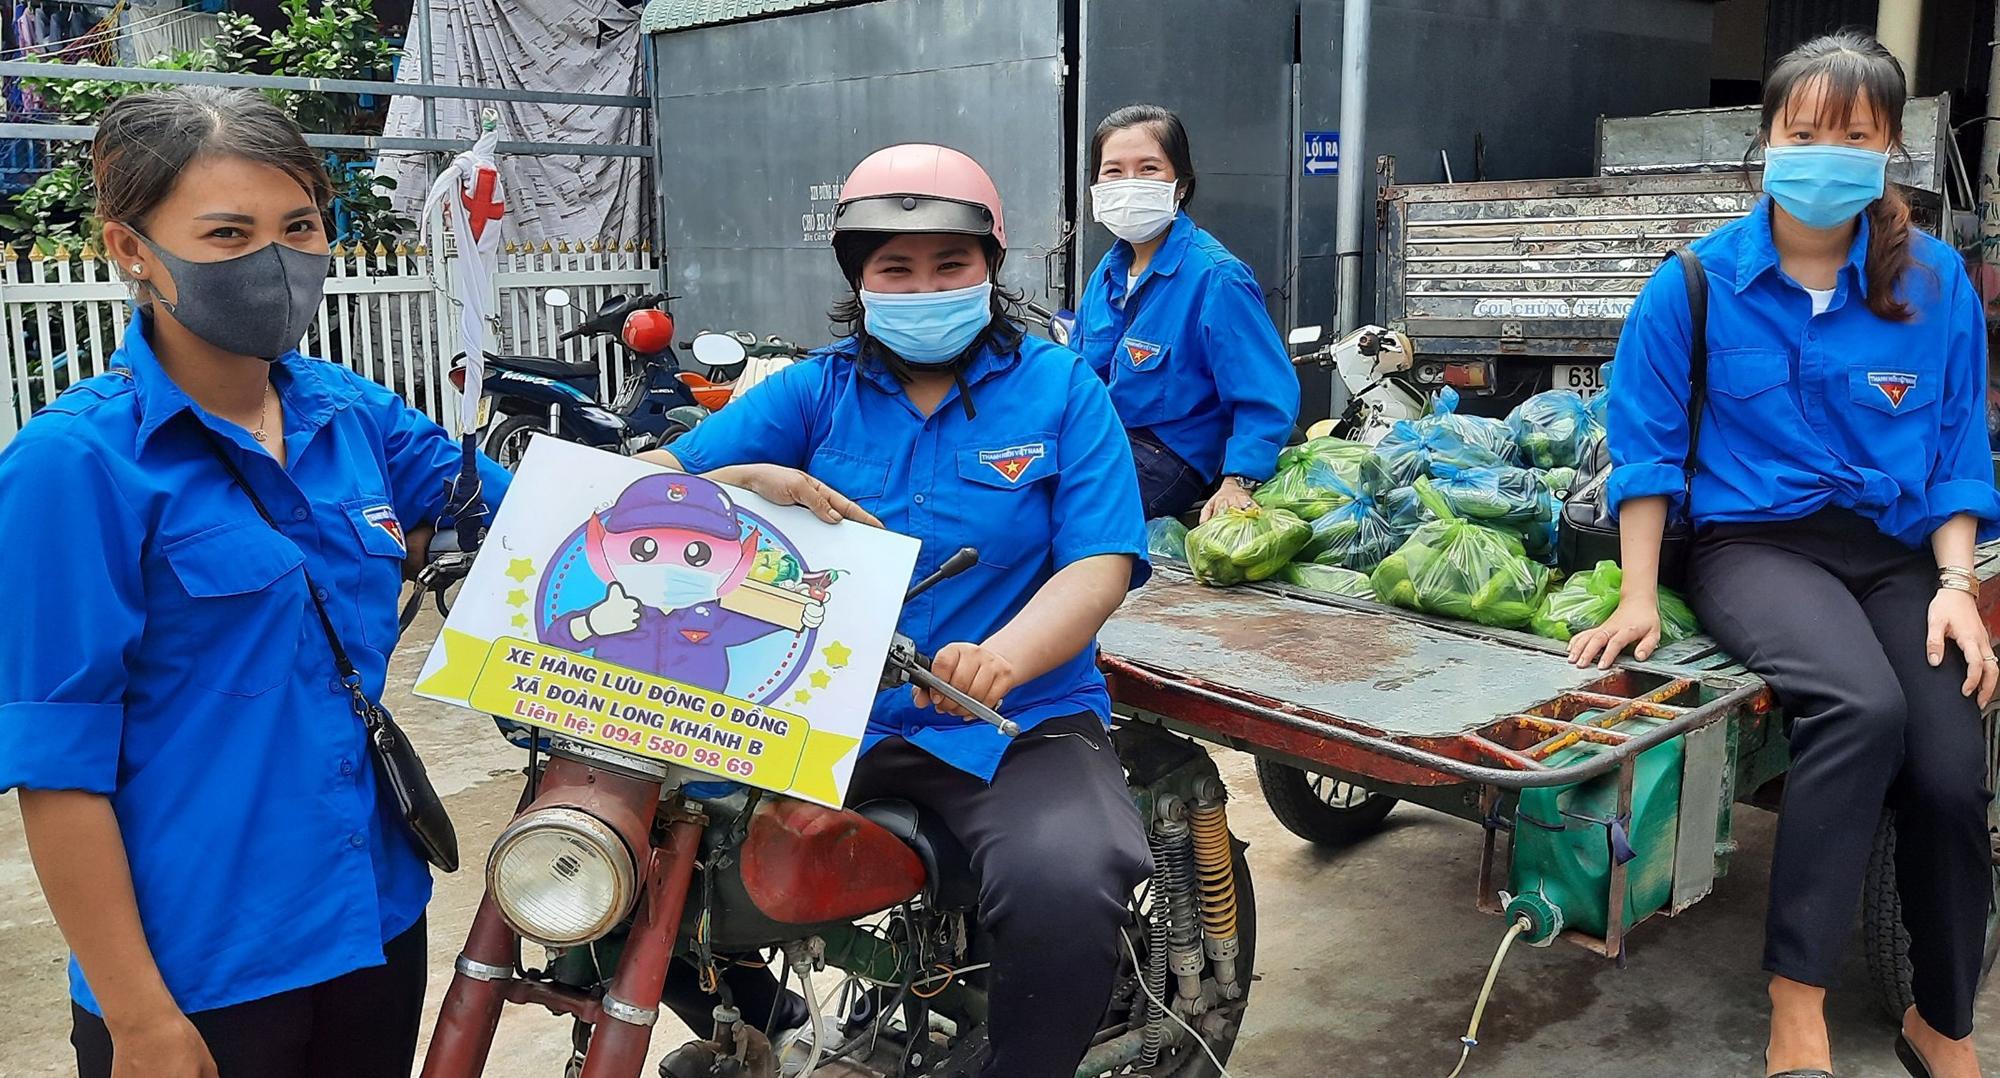 Xe hàng 0 đồng gồm cá, rau củ giúp người dân trong những ngày giãn cách xã hội. Ảnh: Uyên Lê